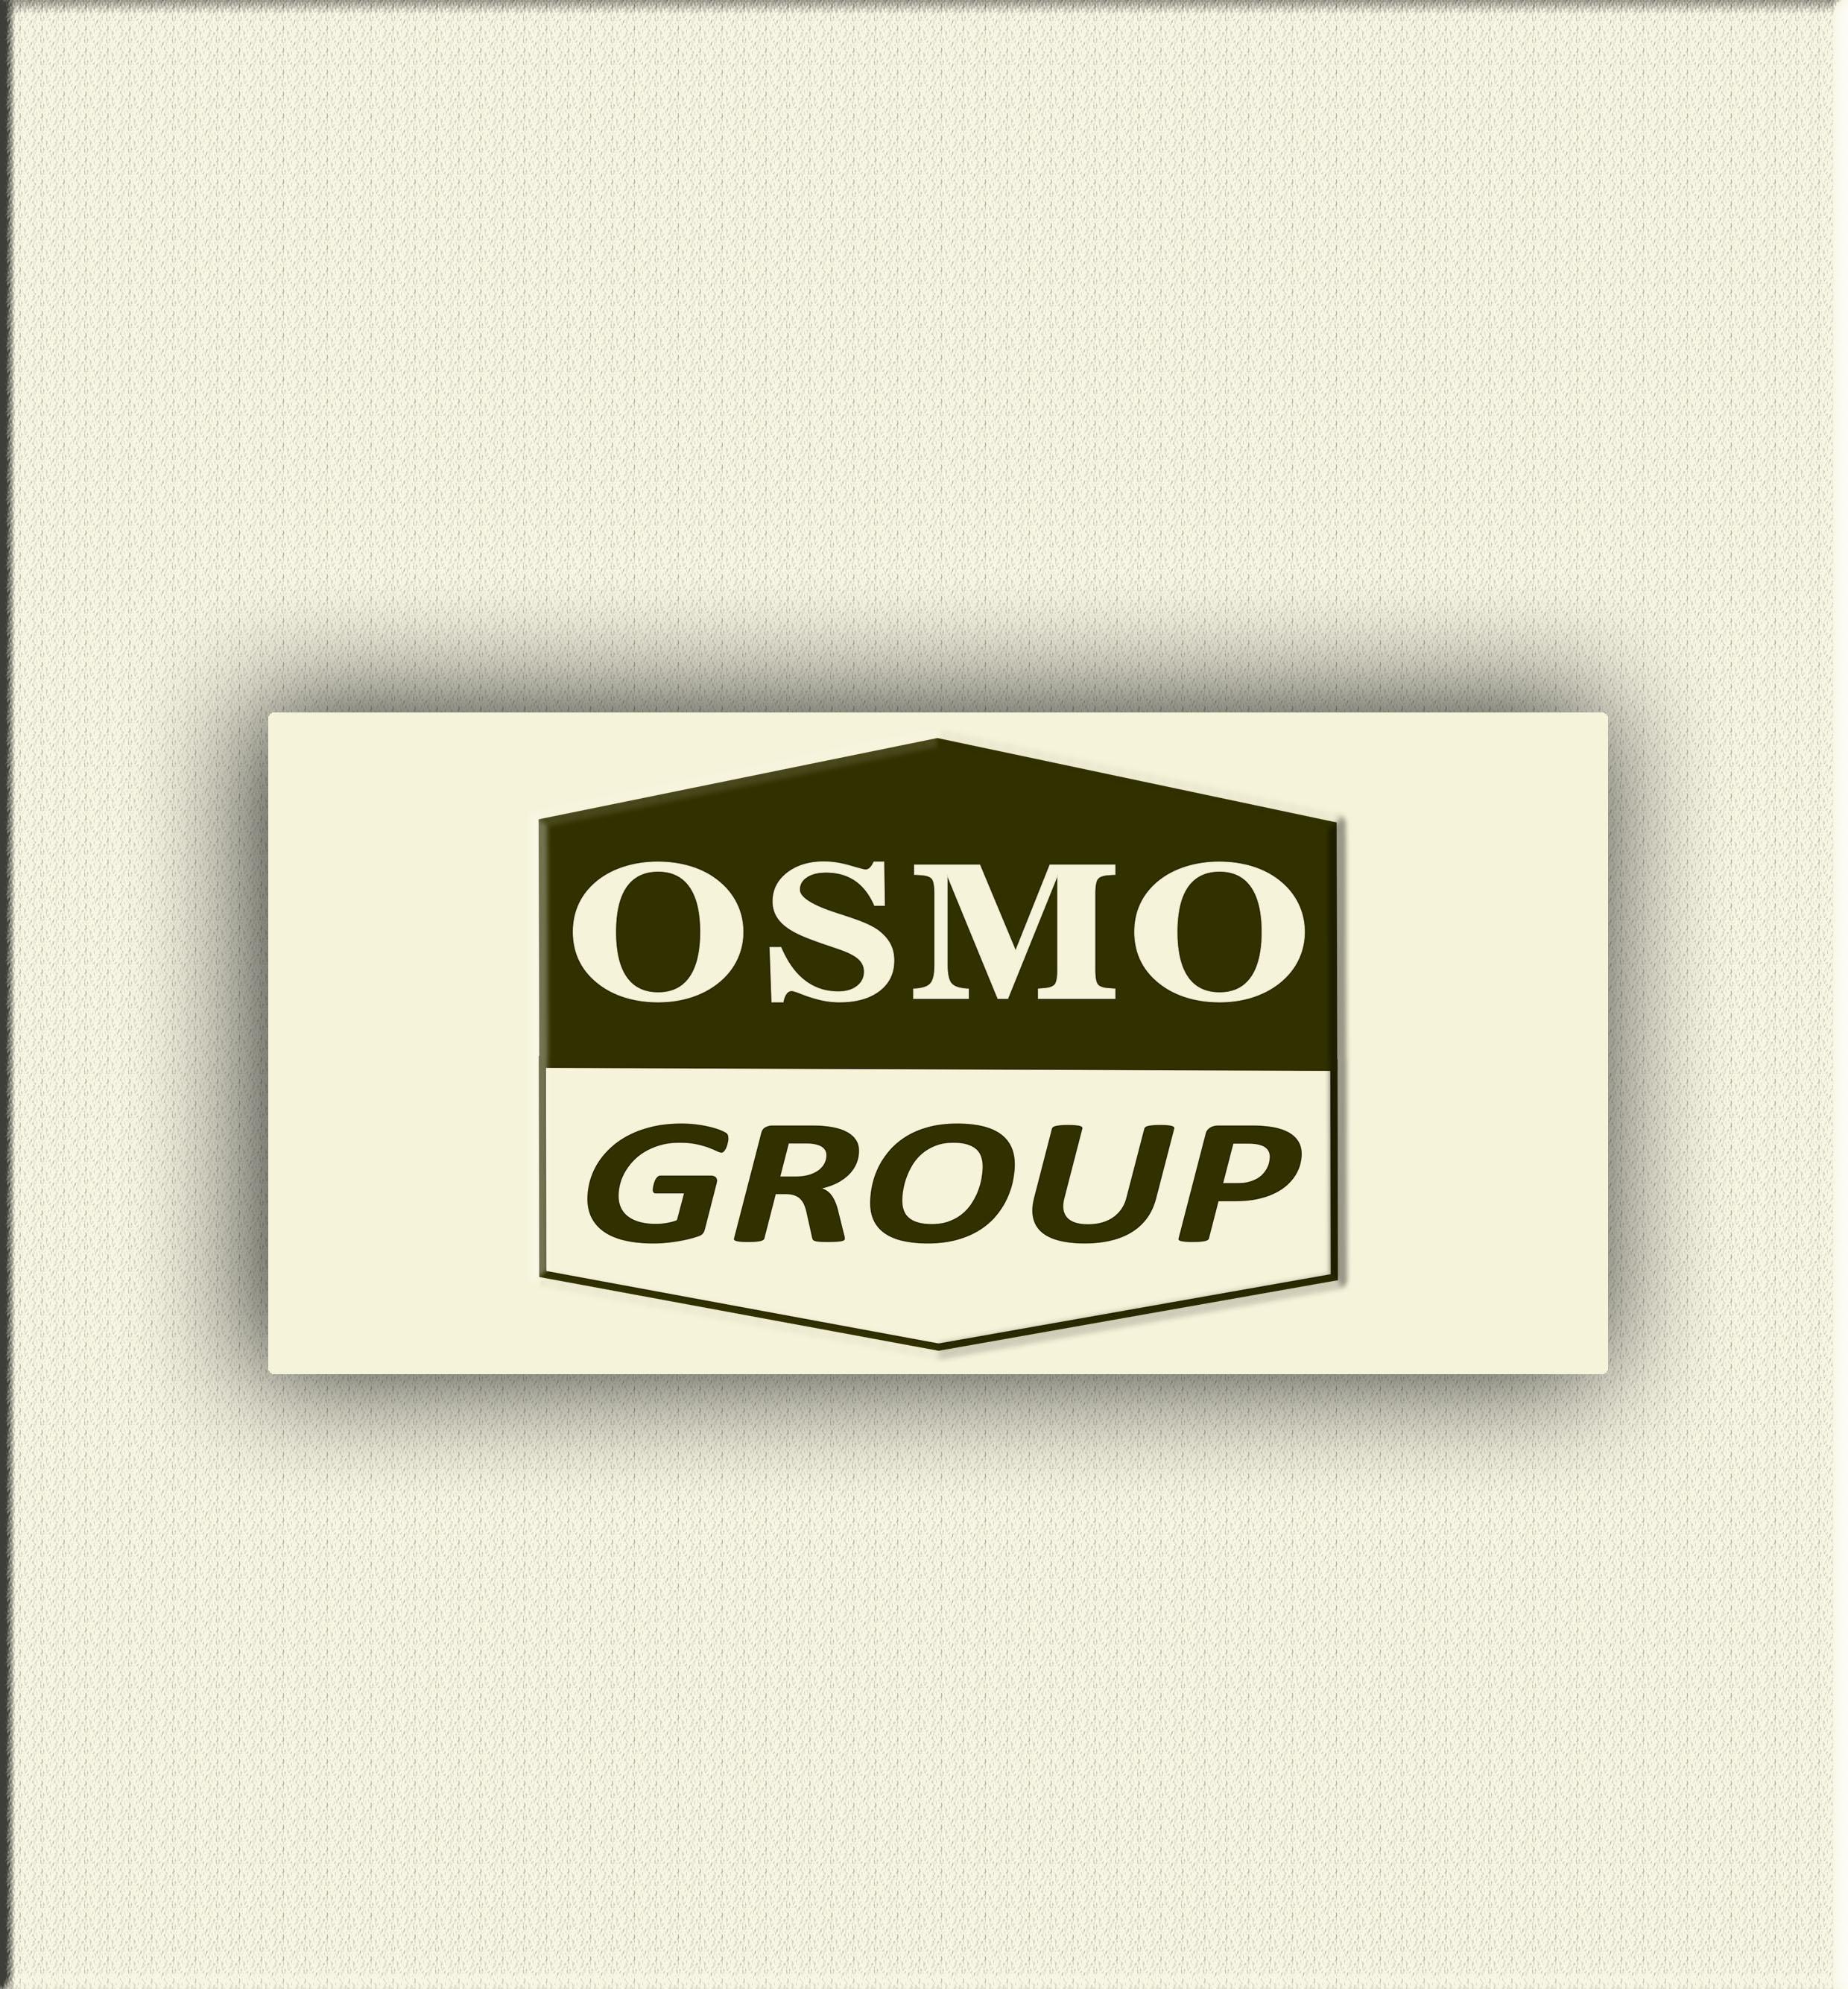 Создание логотипа для строительной компании OSMO group  фото f_51759b58f1ccd929.jpg